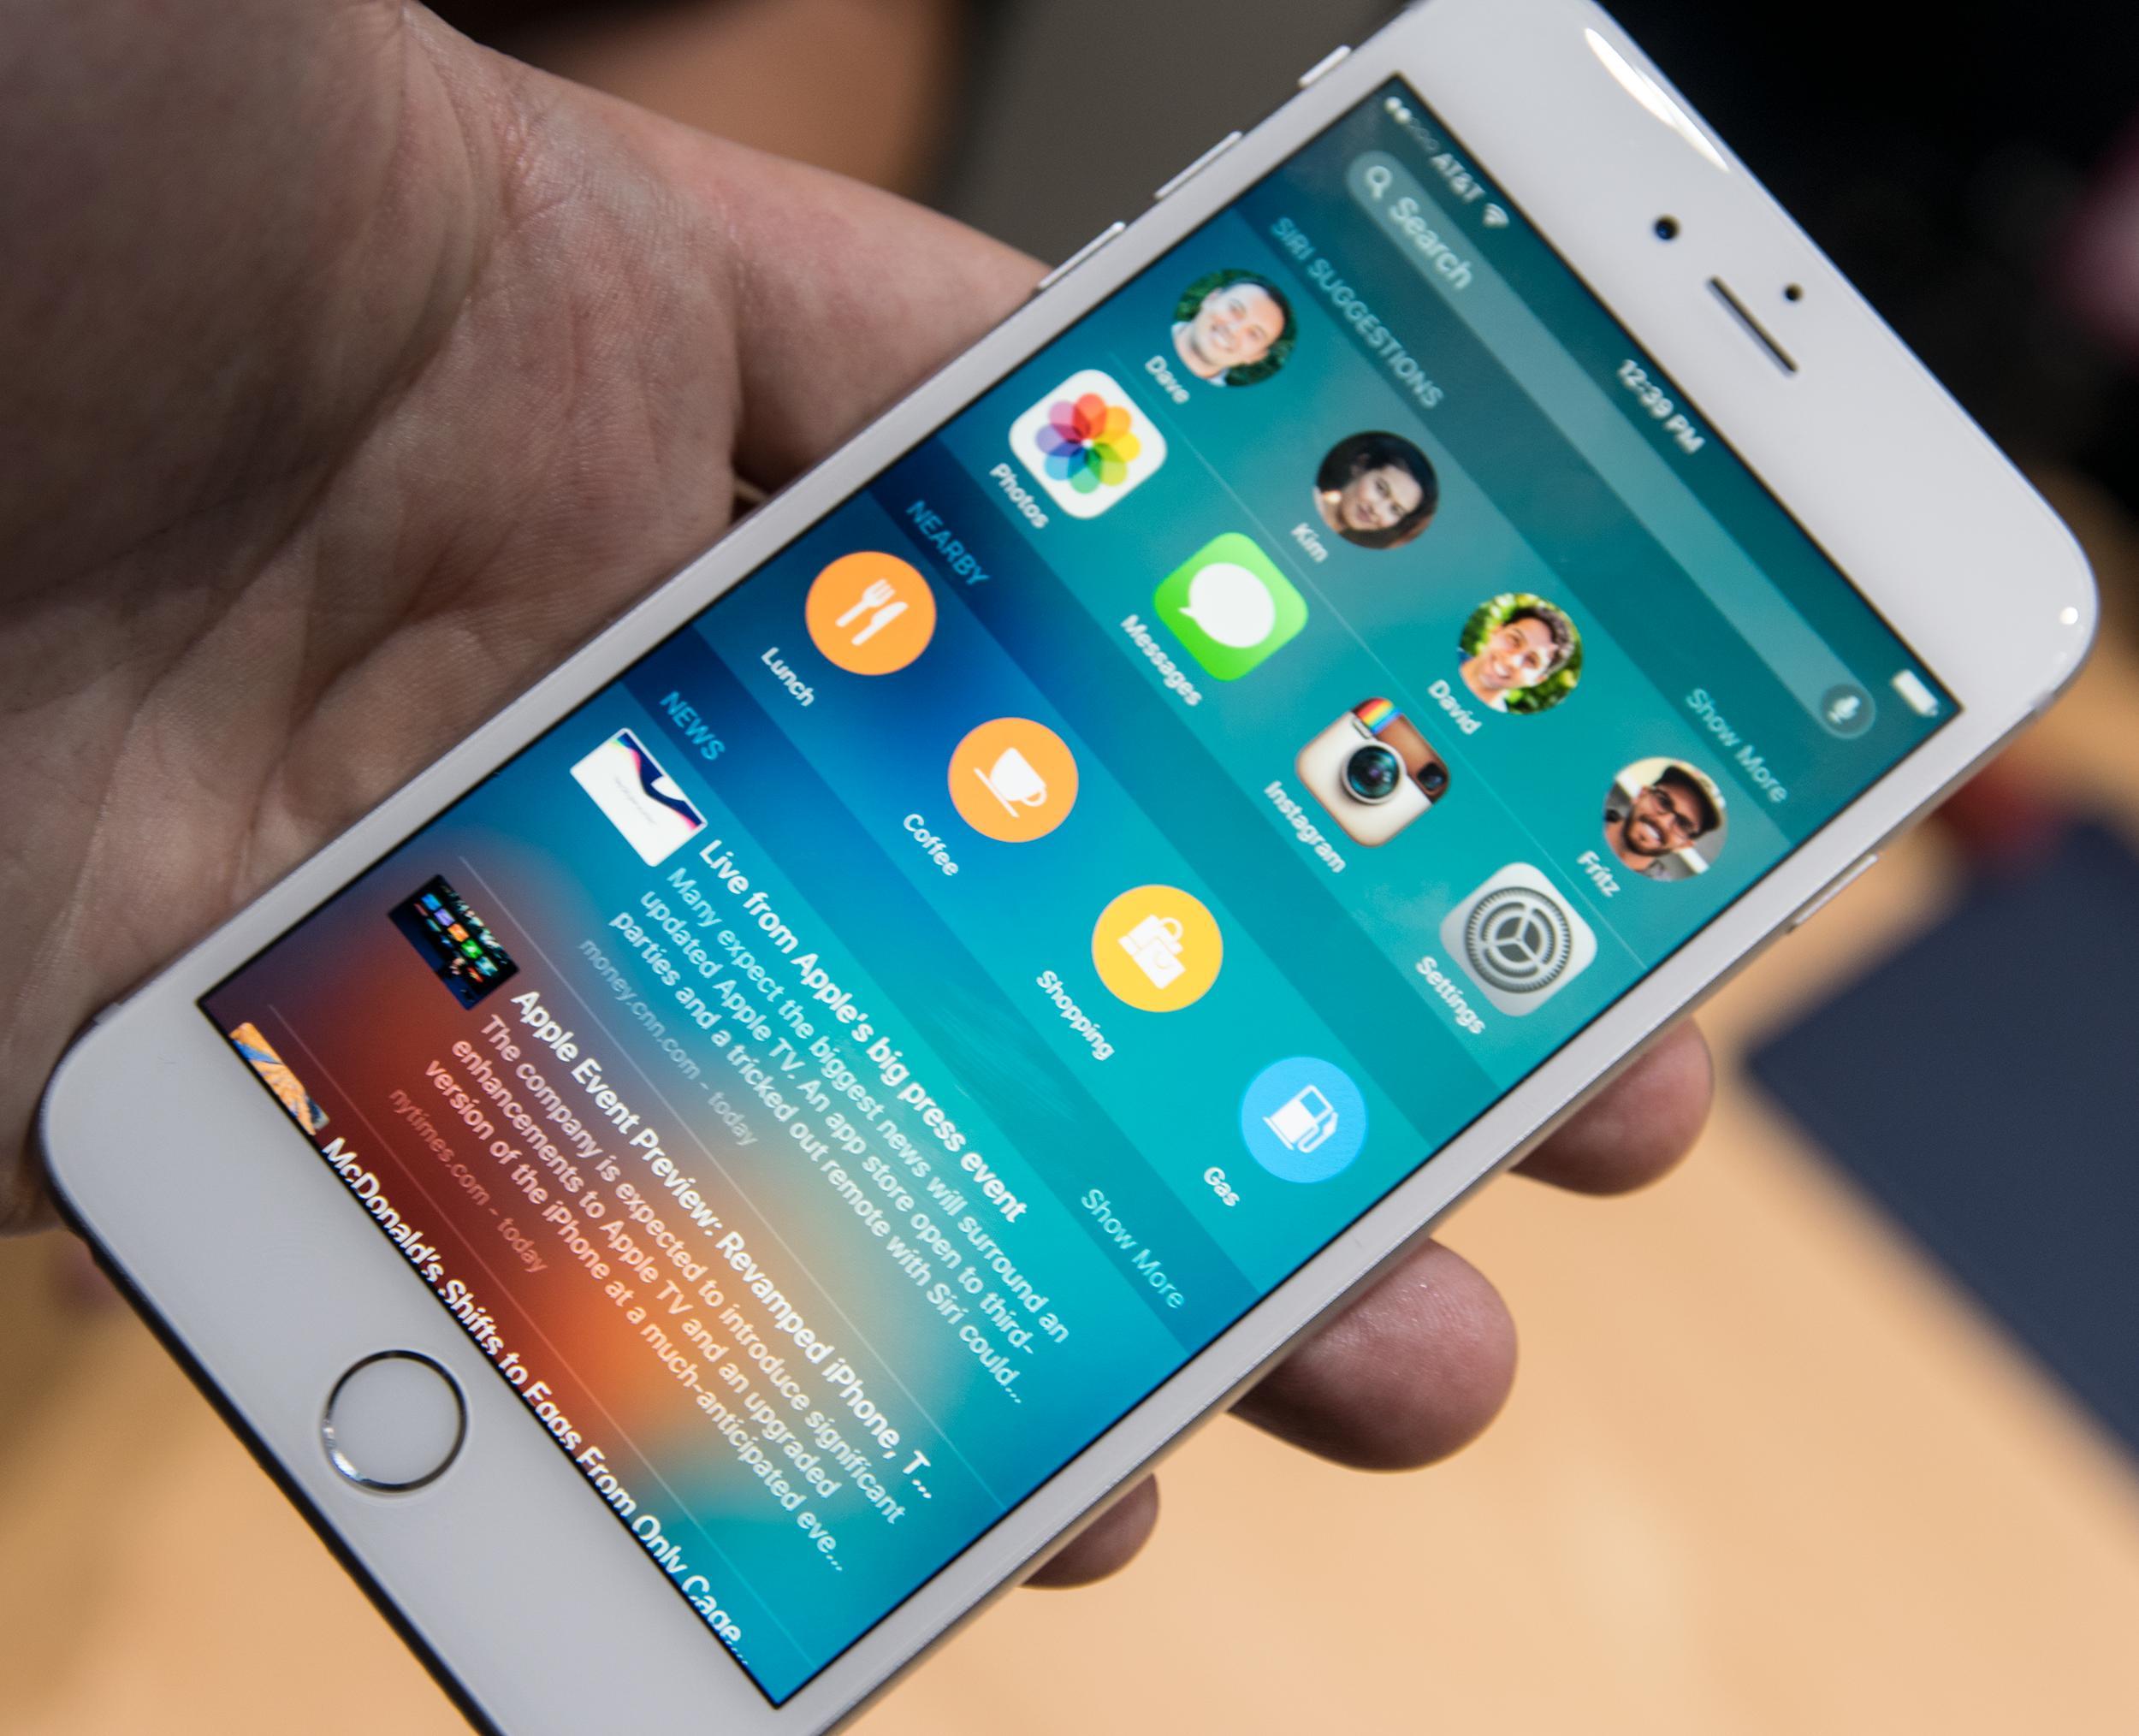 Mange nye funksjoner har kommet til i iOS 9. Foto: Finn Jarle Kvalheim, Tek.no